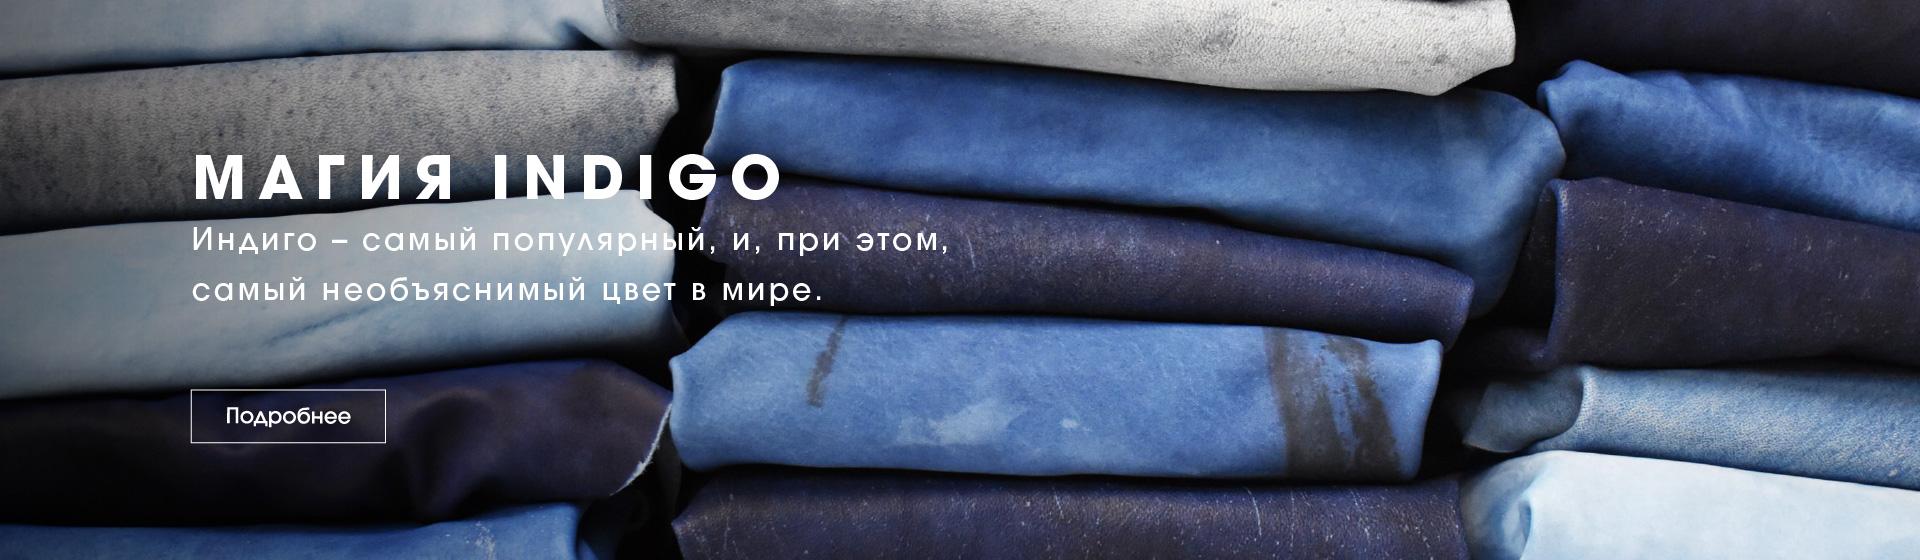 Коллекция ECCO  INDIGO